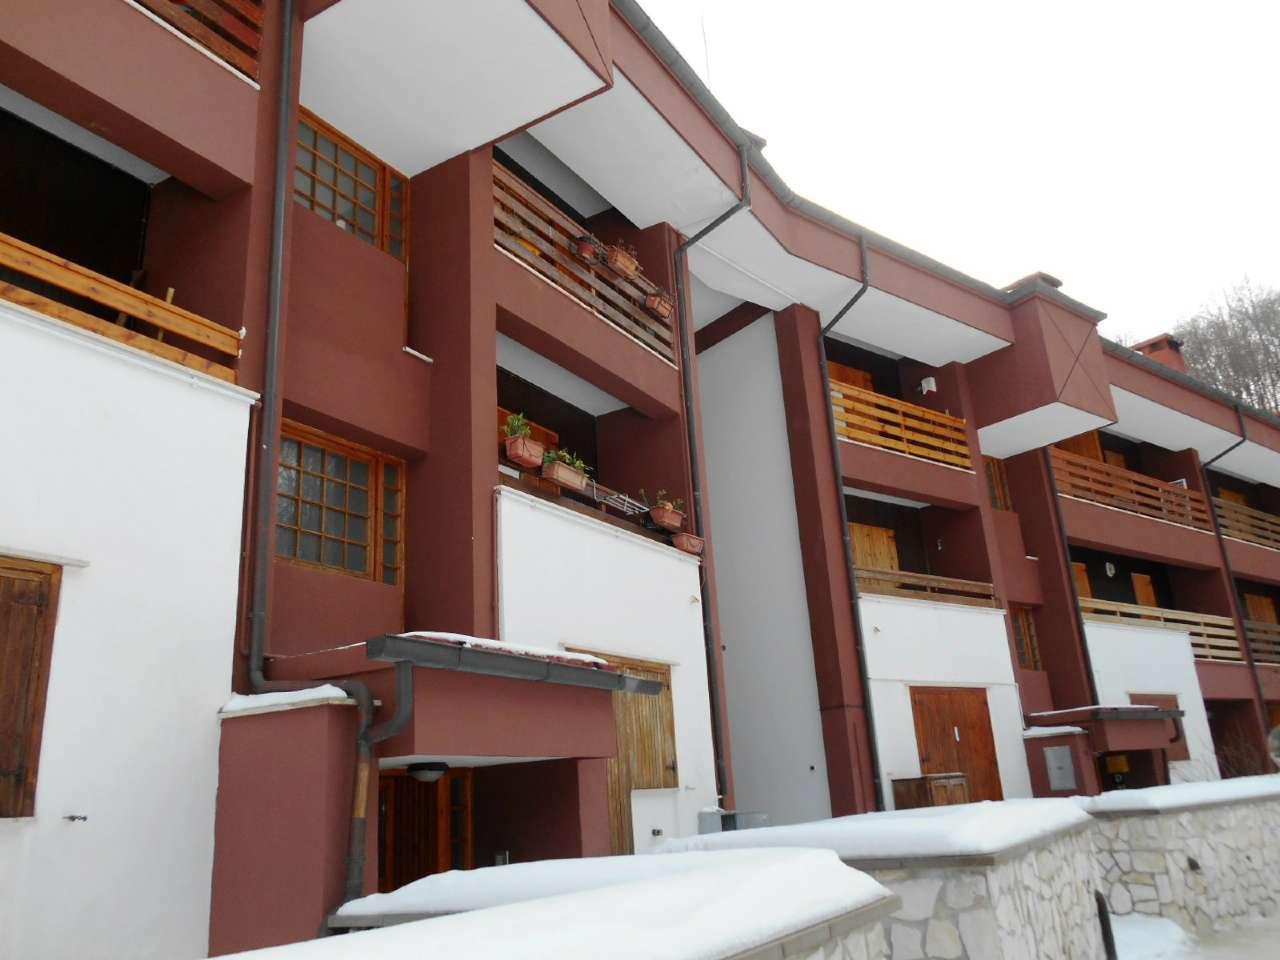 Appartamento in vendita a Cervara di Roma, 4 locali, prezzo € 115.000 | Cambio Casa.it